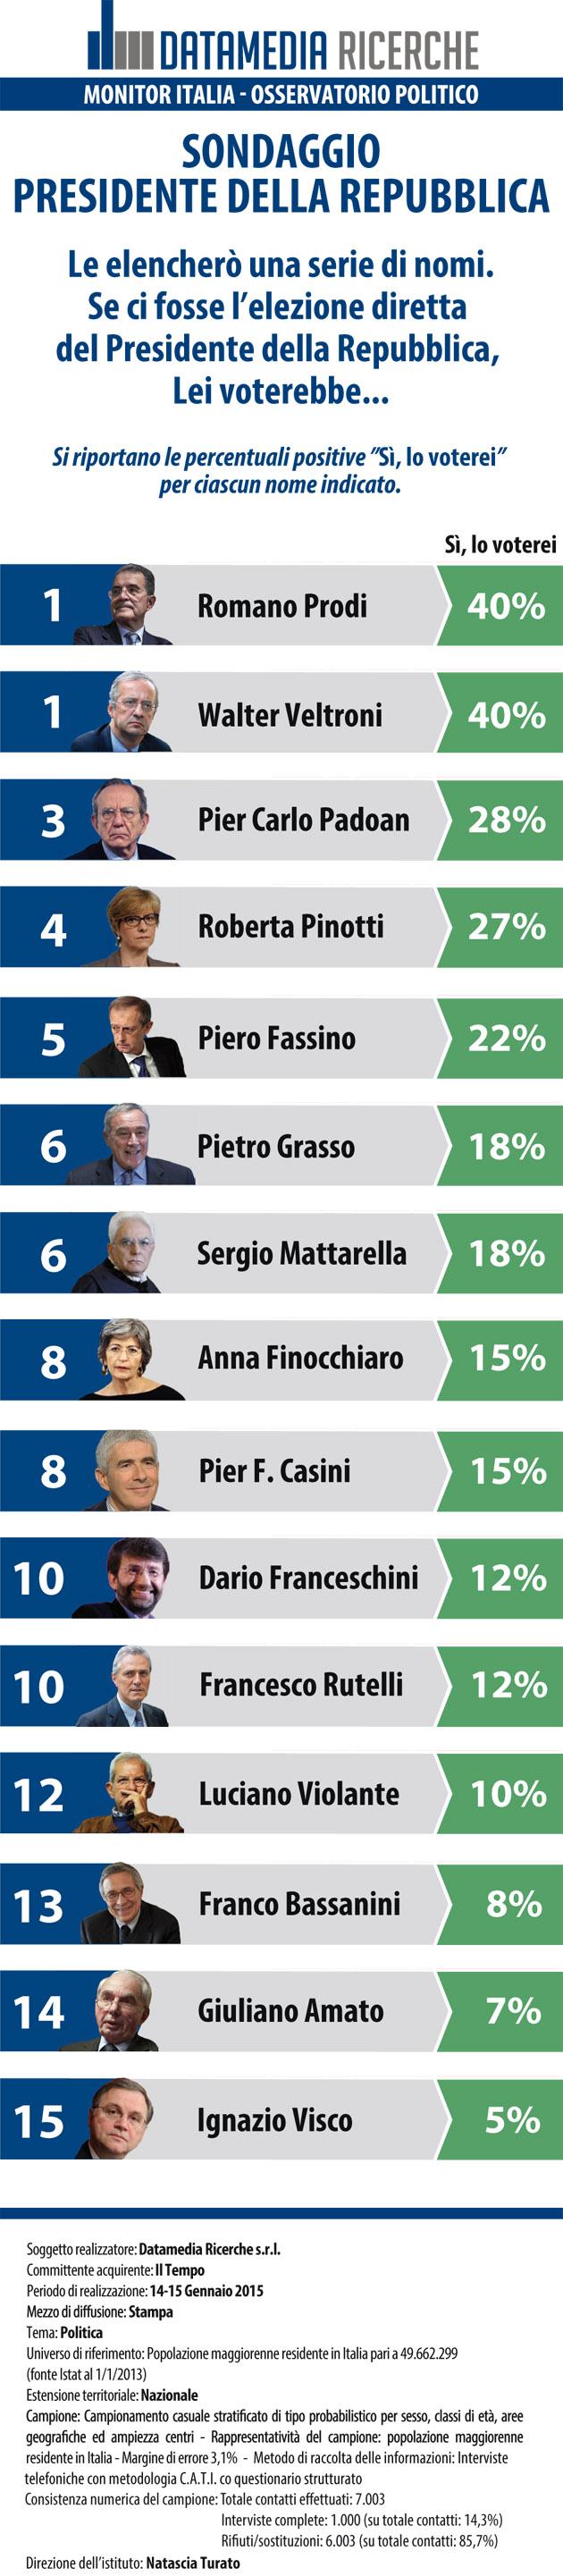 Sondaggi politici datamedia quirinale gli italiani for Nomi politici italiani